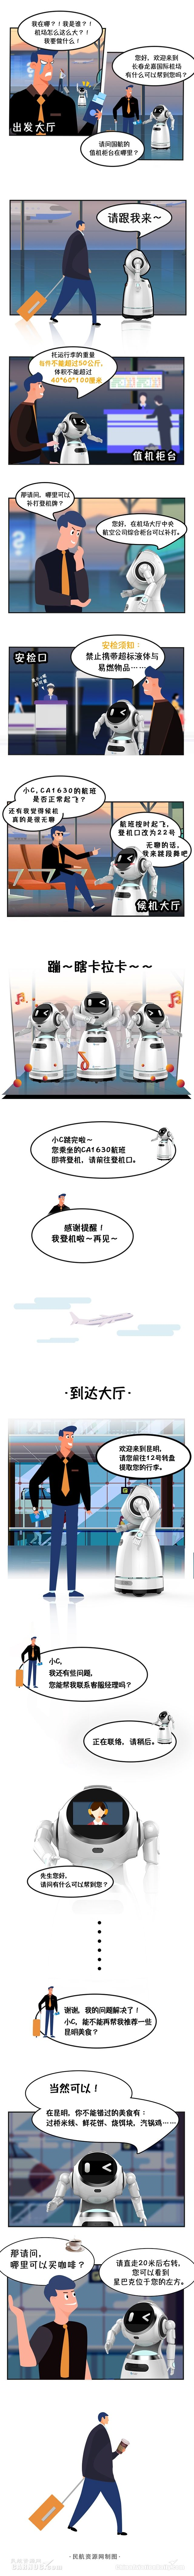 克鲁泽漫画。民航资源网制图